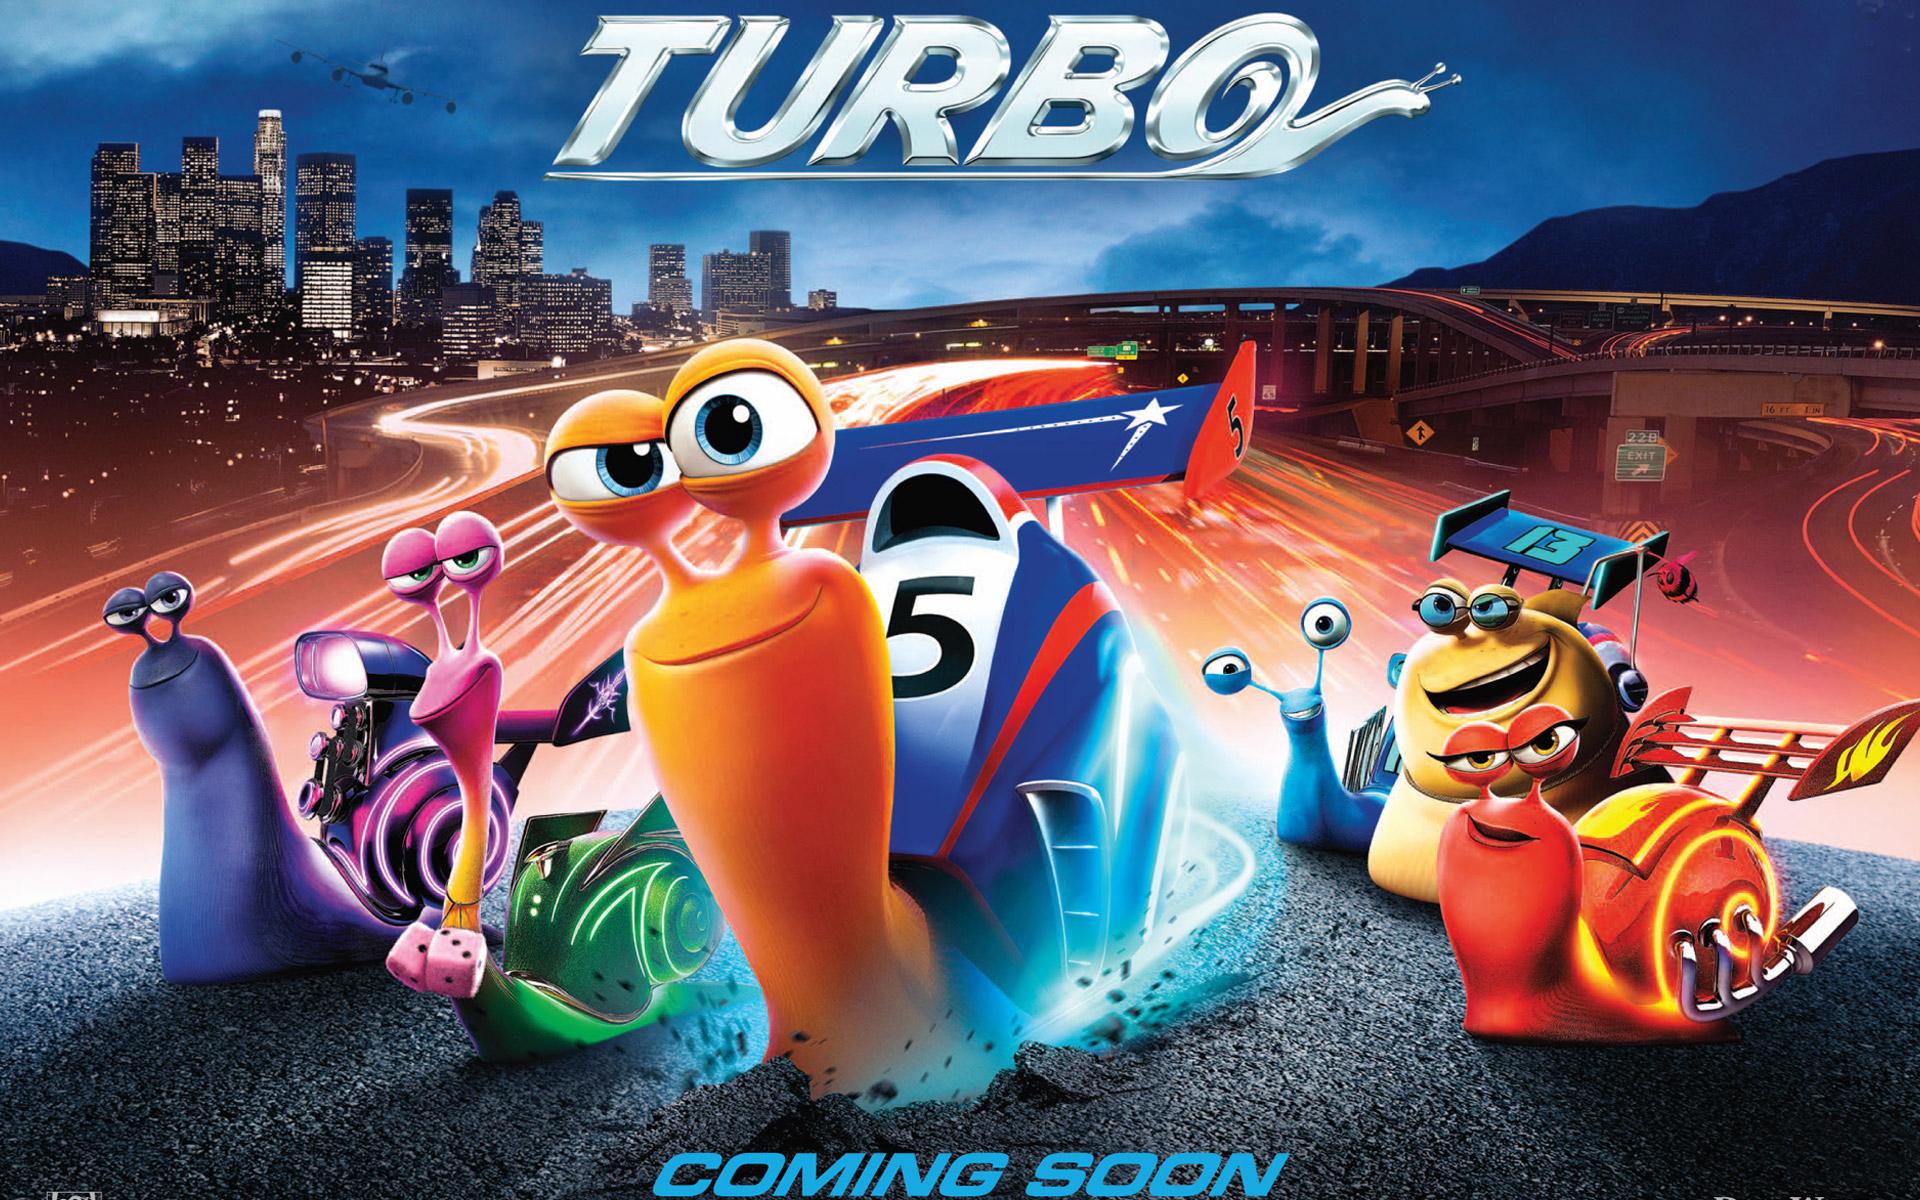 Turbo-HD-Wallpaper-1